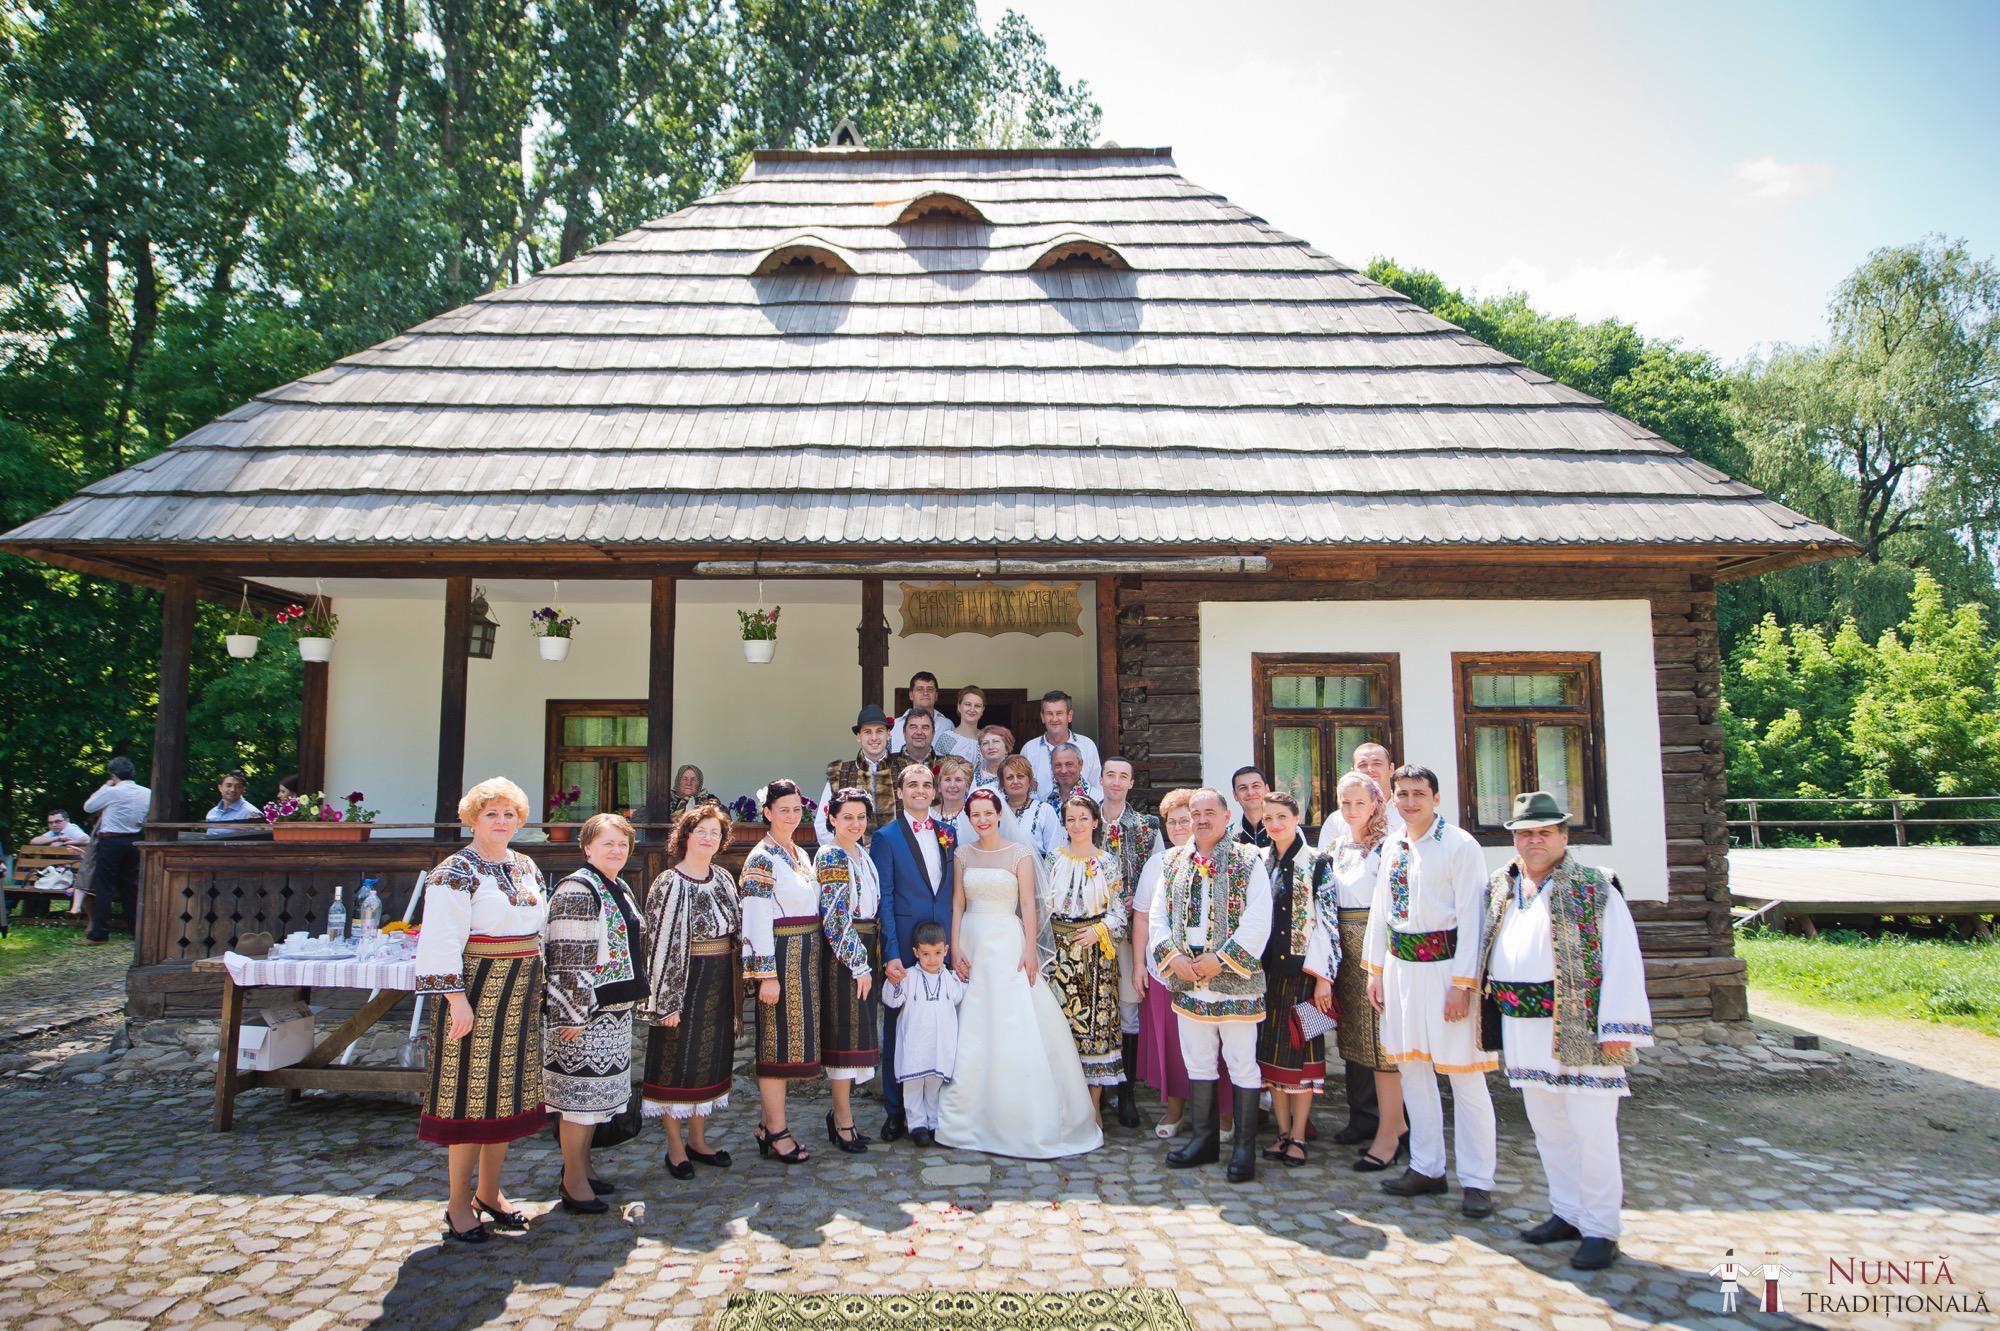 Povești Nunți Tradiționale - Gabriela și Mădălin - Nuntă Tradițională în Suceava, Bucovina 66